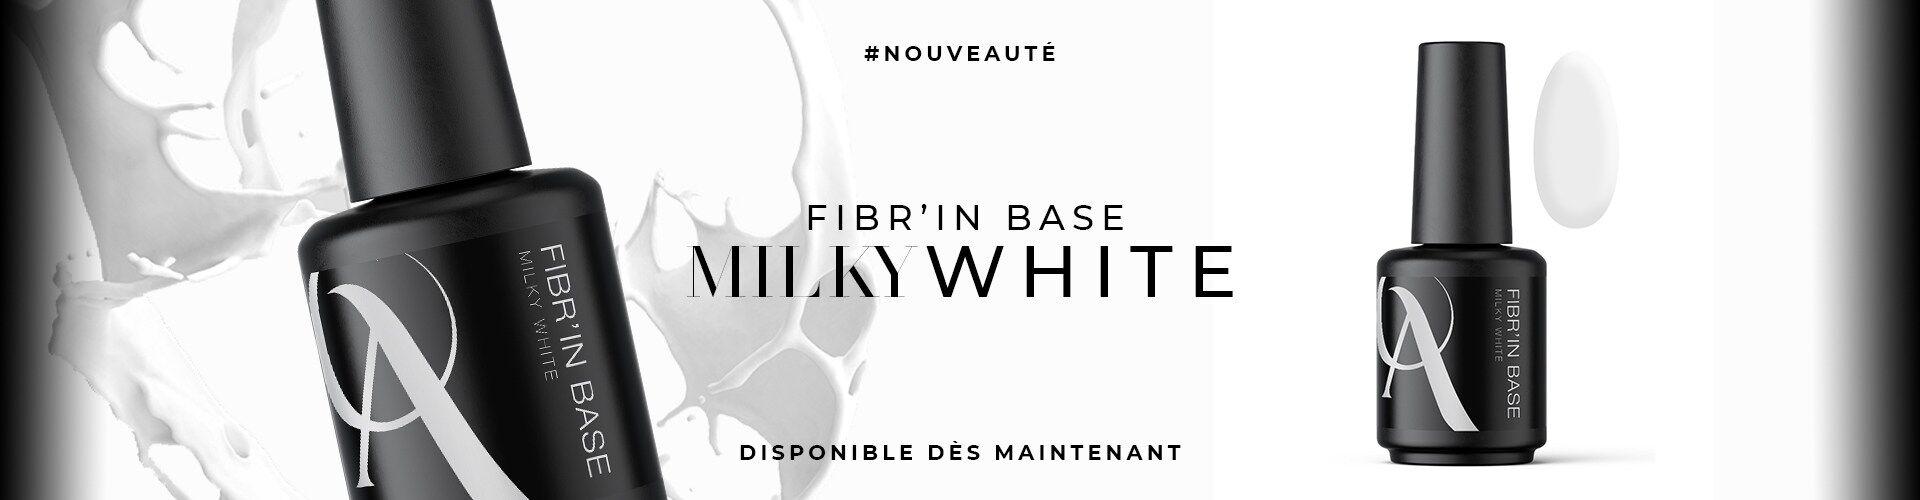 SLIDE 5 - fibrin milky white